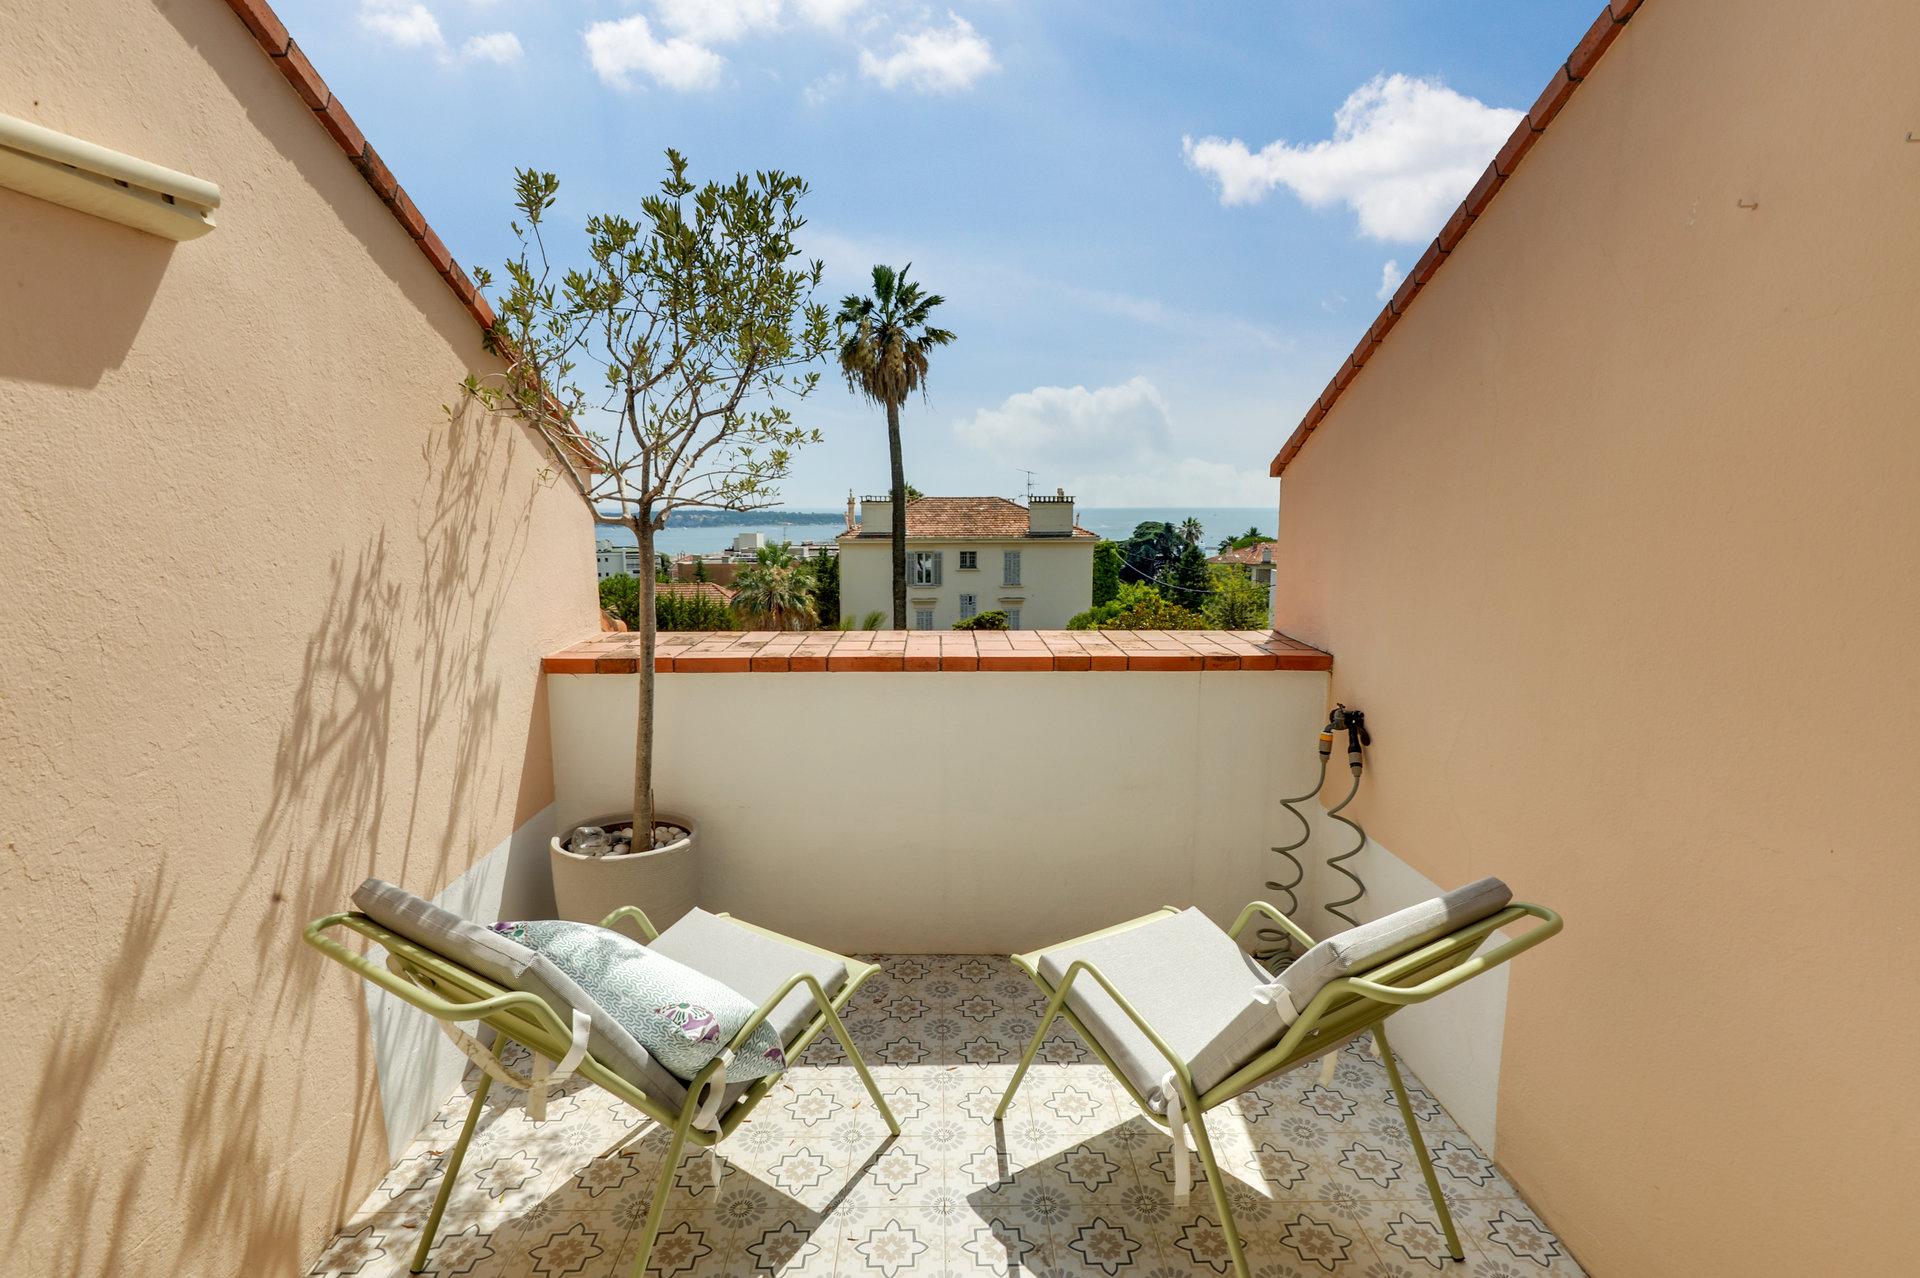 Cannes Californie - Støken og meget sjarmerende toppetasje med sjøutsikt og terrasser